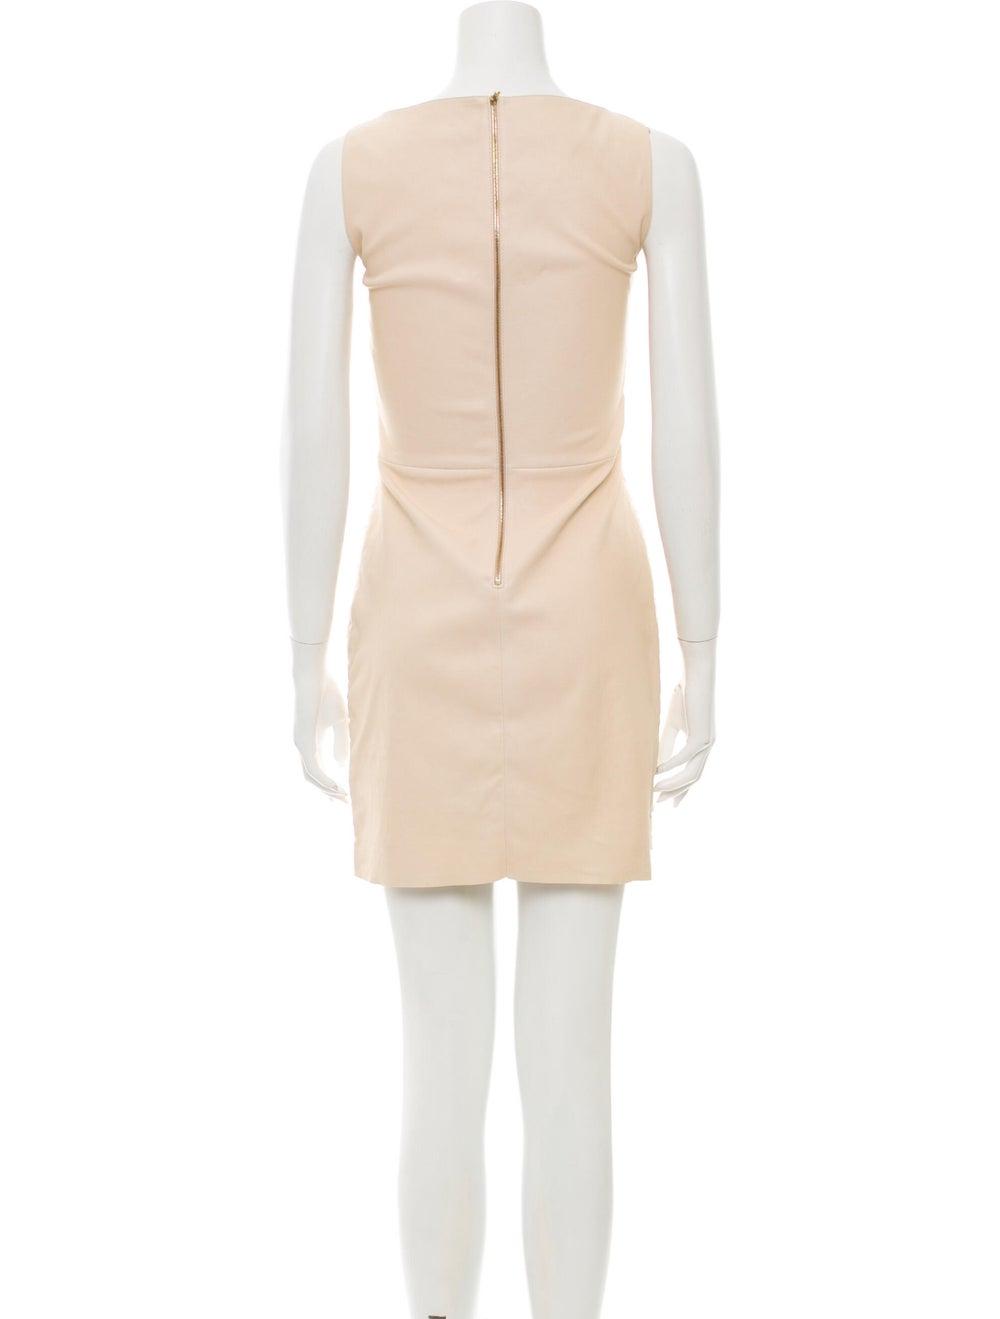 Jitrois Crew Neck Mini Dress - image 3